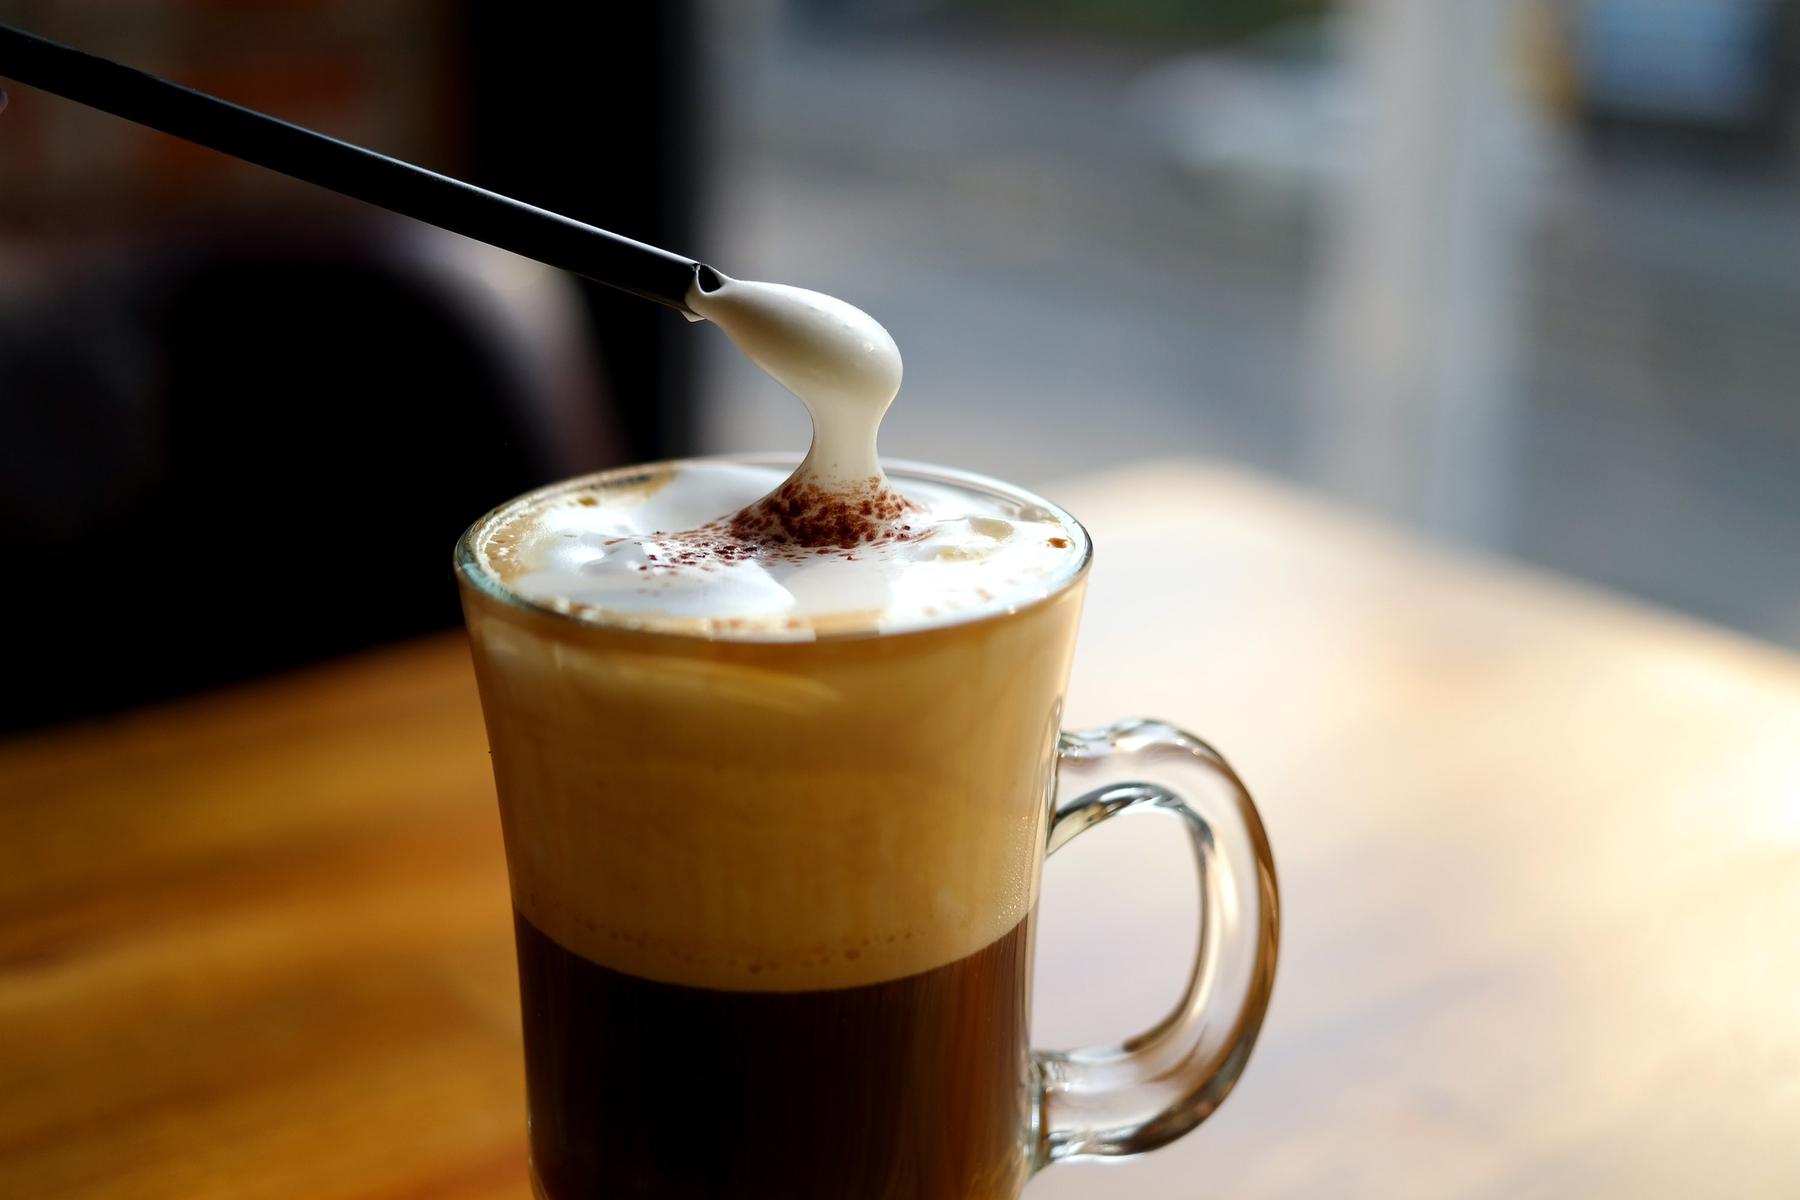 Einspänner Coffee (Viennese Coffee)